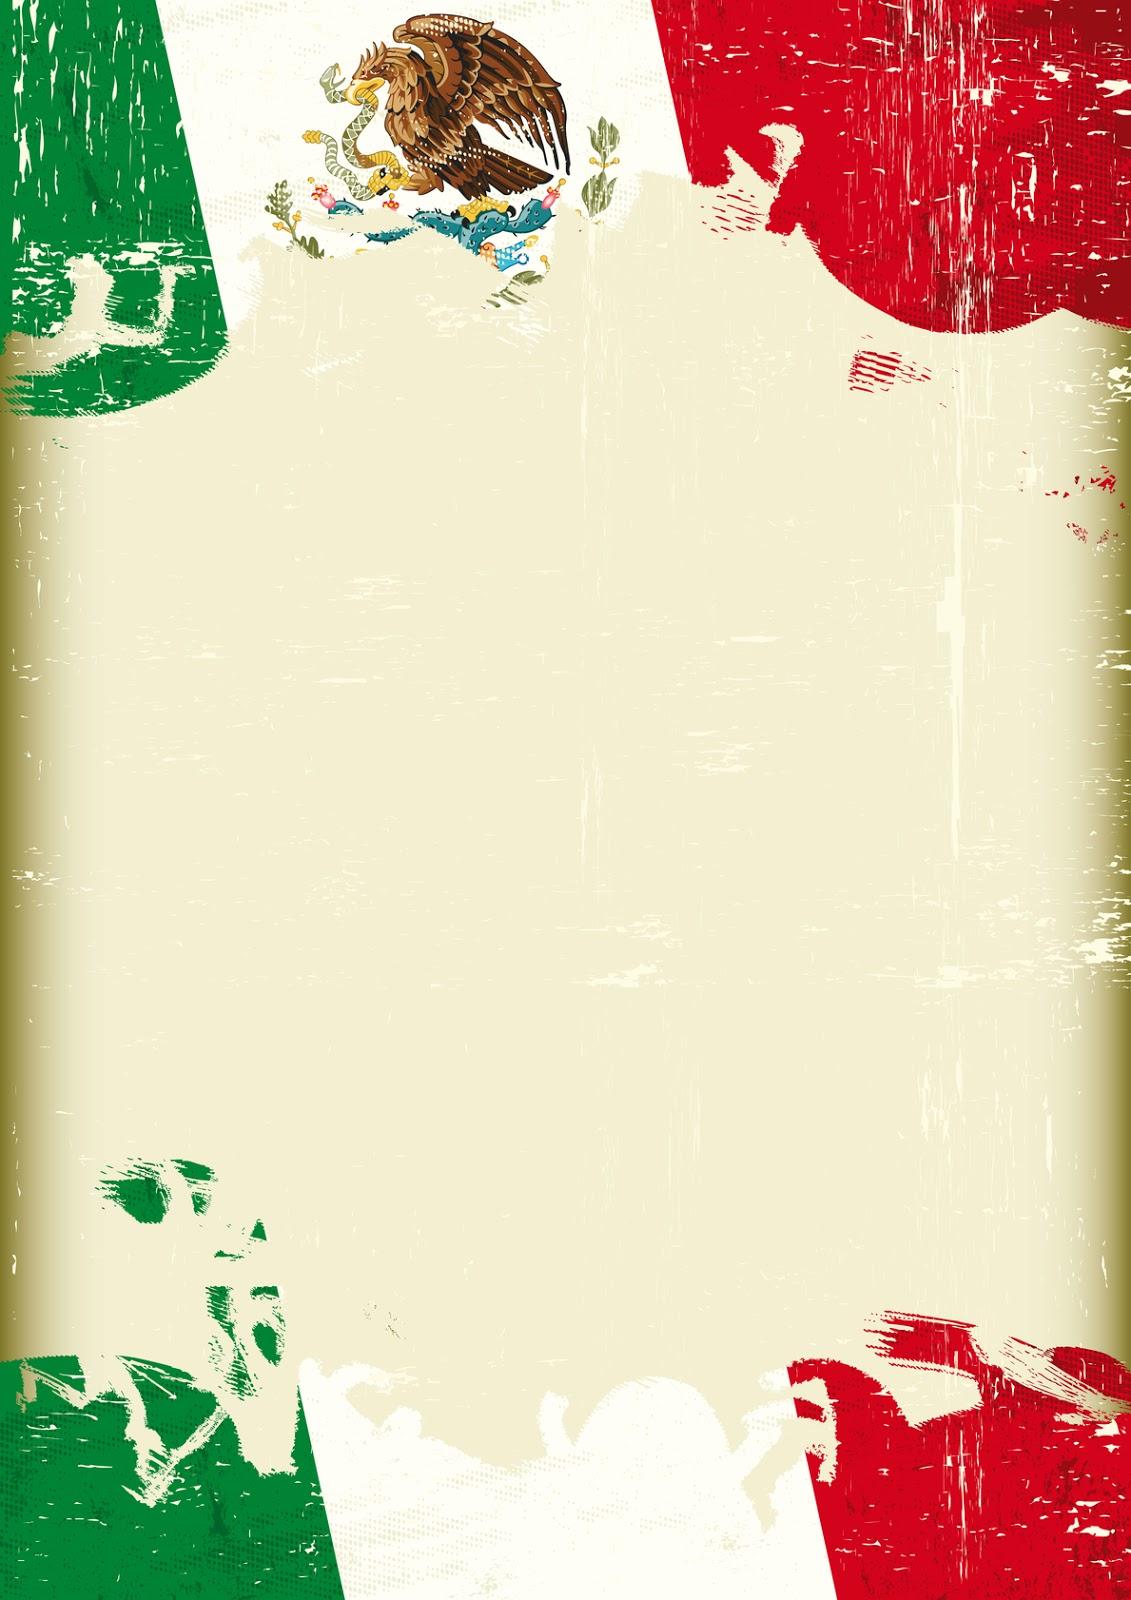 México en imágenes: Imágenes de símbolos mexicanos